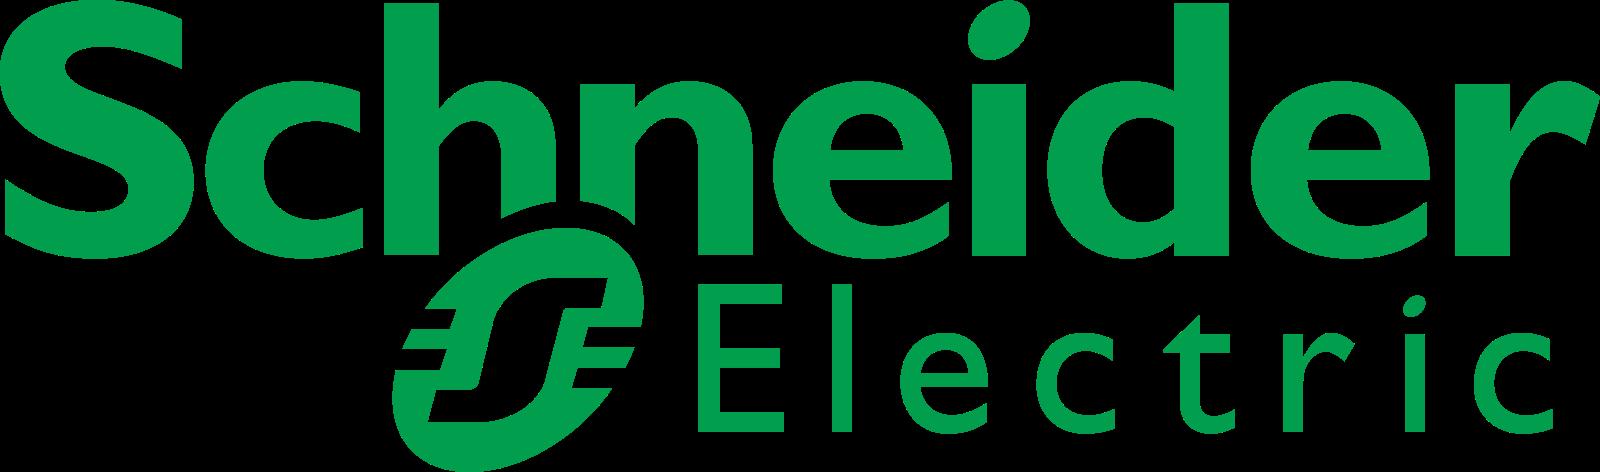 schneider logo 2 - Schneider Electric Logo